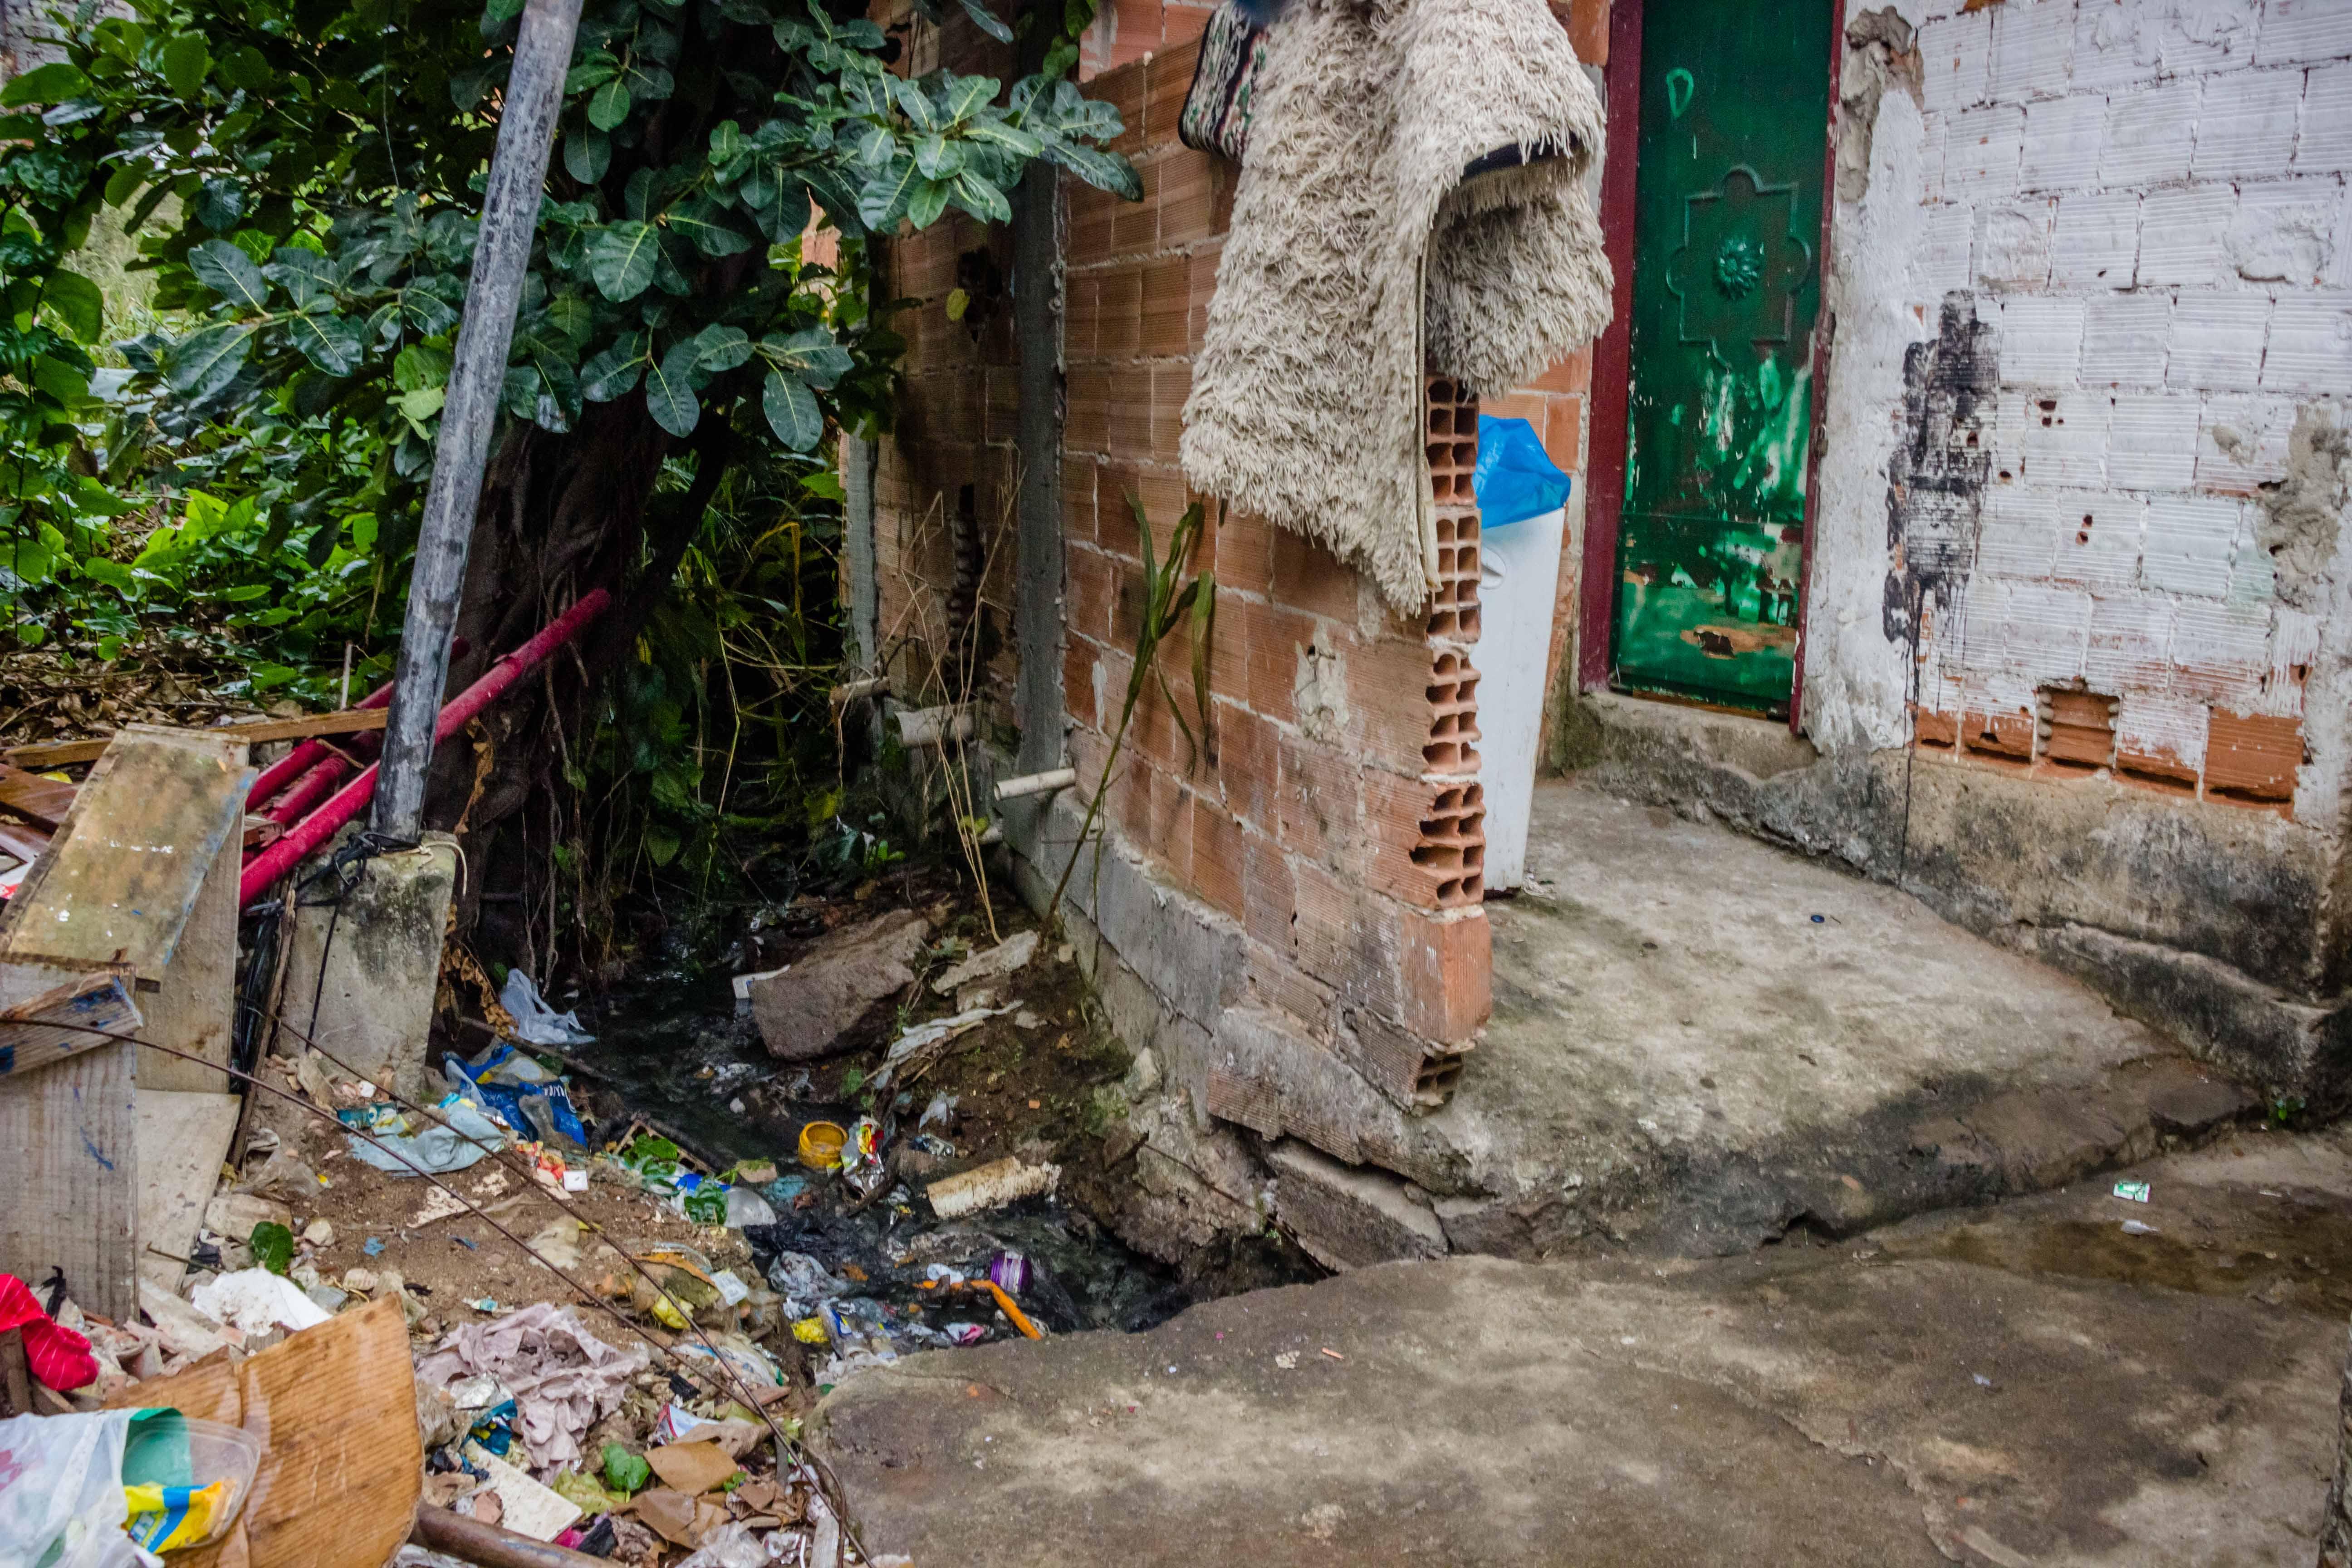 Saneamento básico: Subprefeito e conservação visitarão rua no Complexo do Alemão